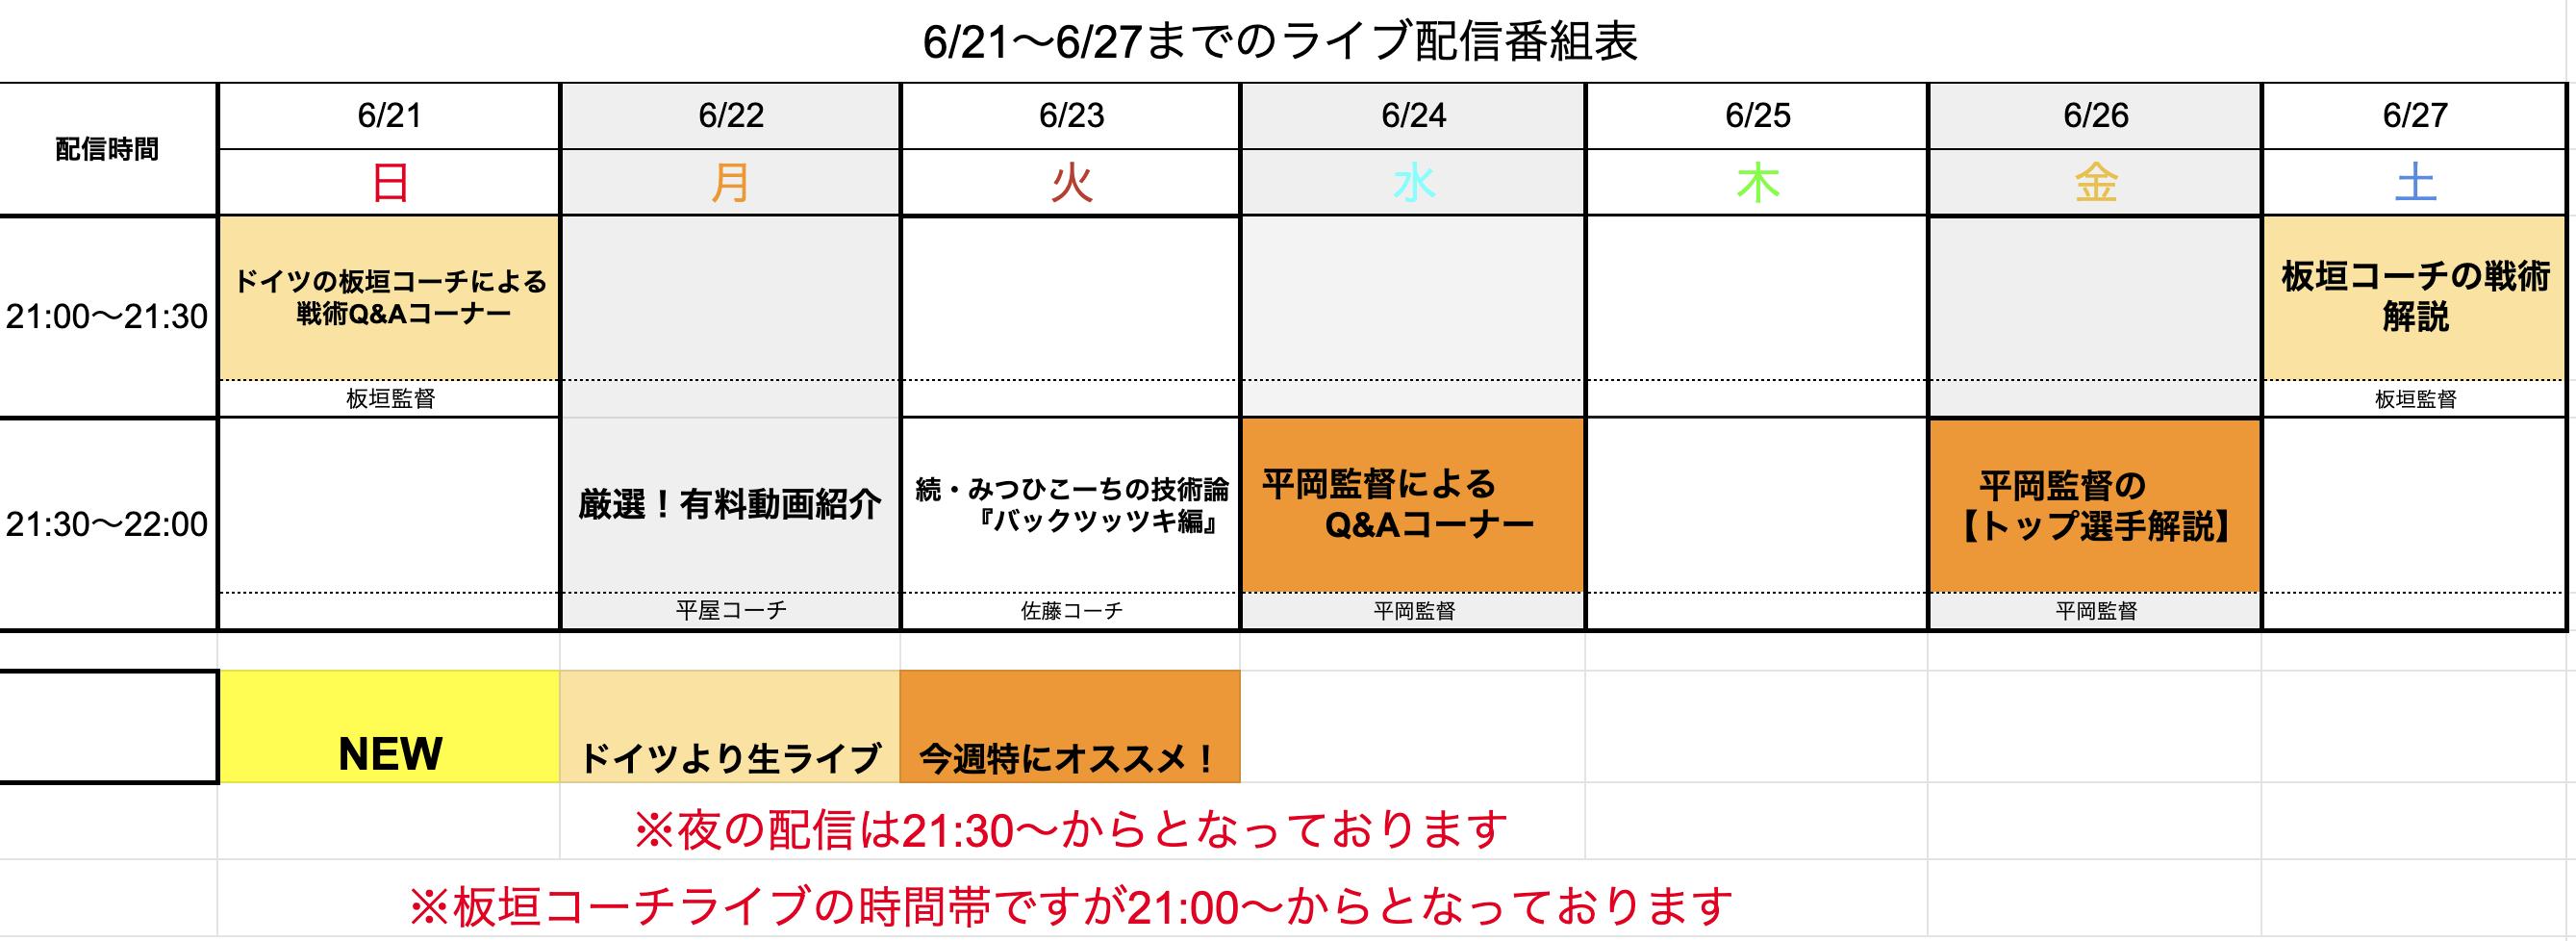 【ライブ番組表まとめ】6/21〜6/27のライブ番組表公開しました!